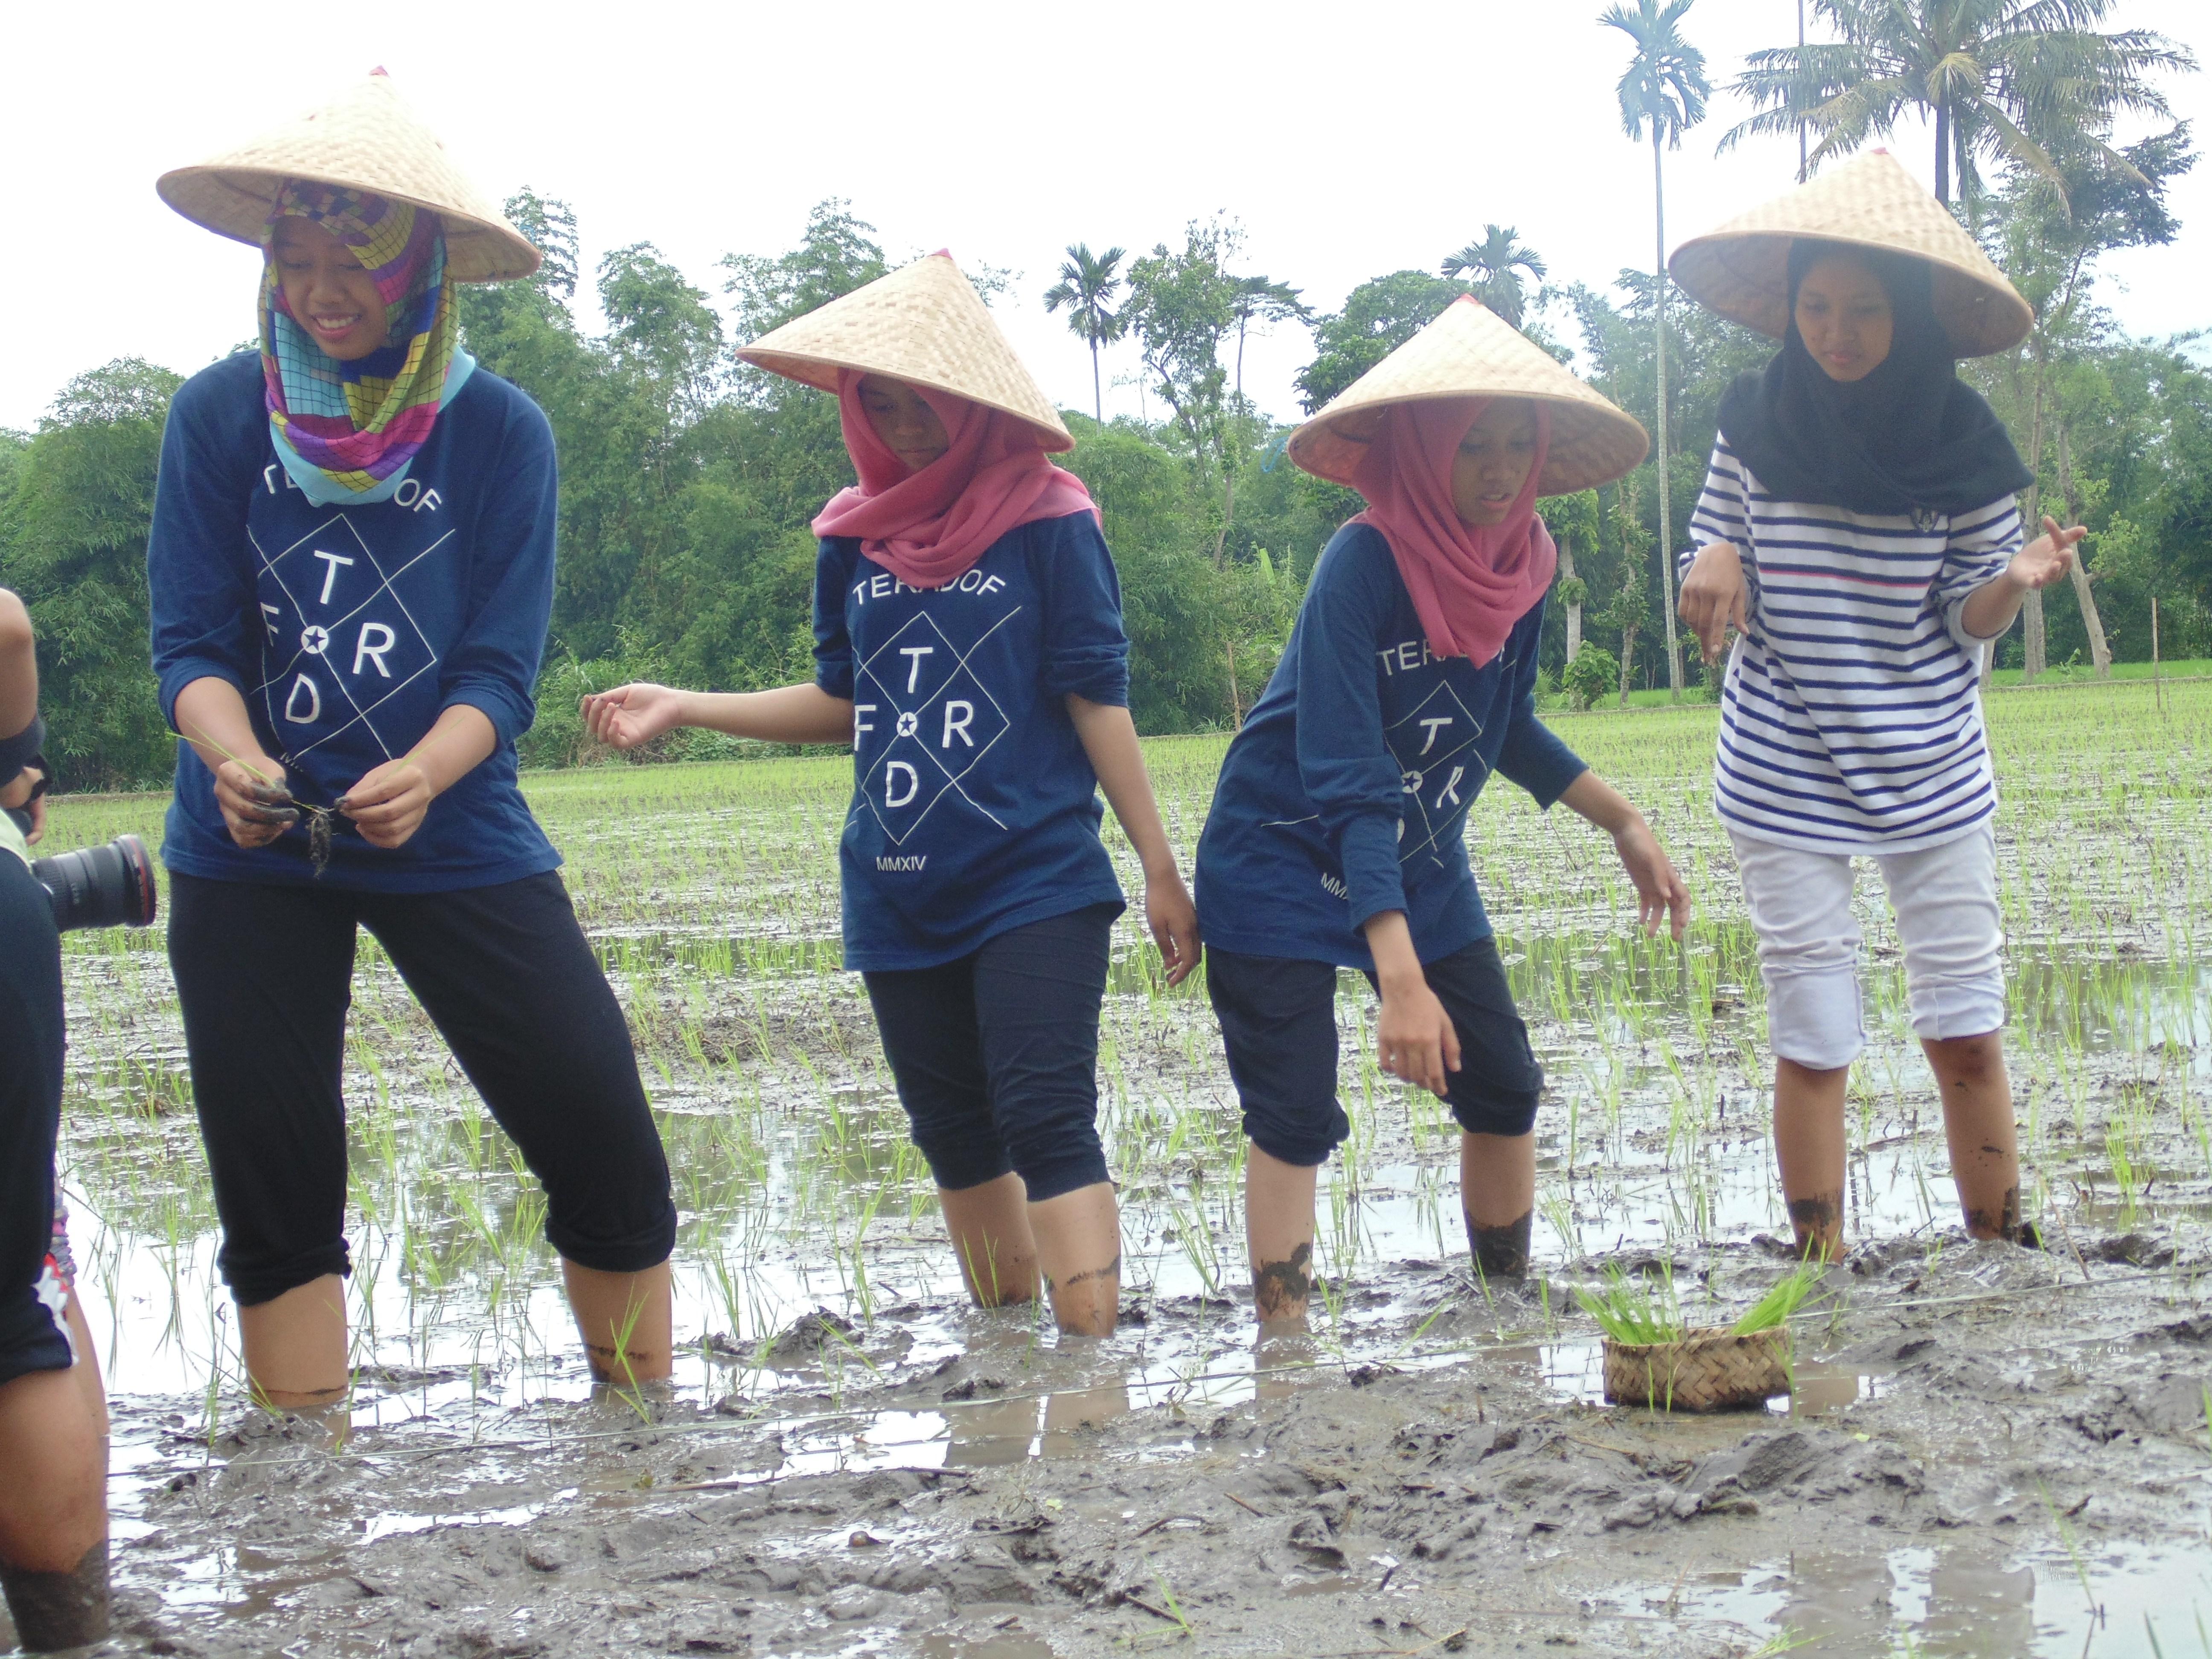 Kunjungan Naik Desa Wisata Organik Lombok Kulon Berbenah Memo Bondowoso